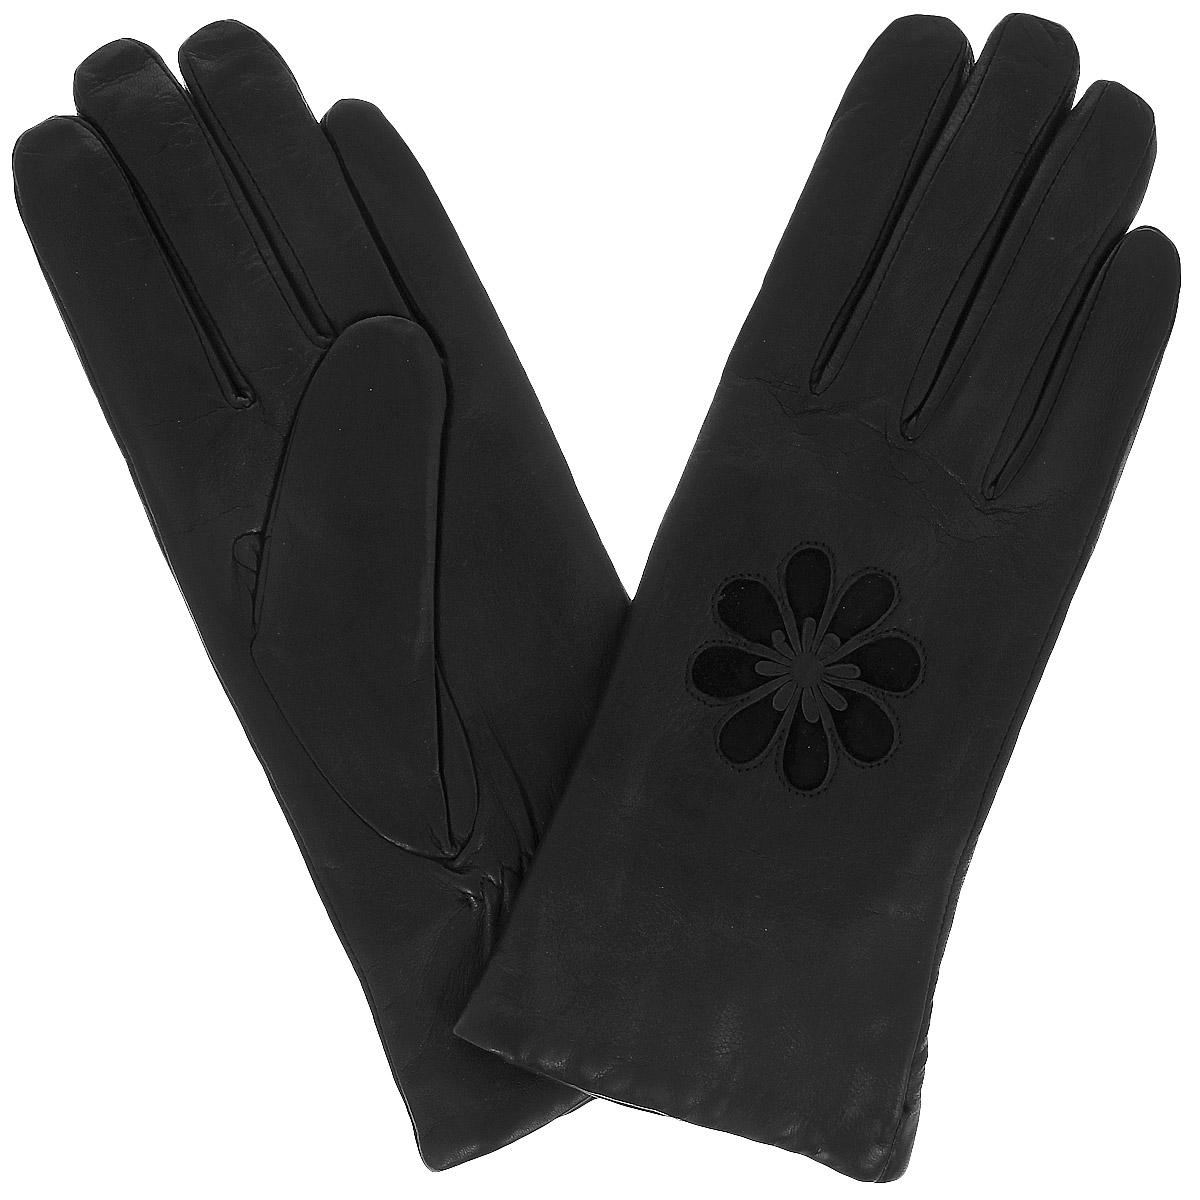 Перчатки11_CELE/BLСтильные женские перчатки Dali Exclusive с подкладкой из 100% шерсти выполнены из мягкой и приятной на ощупь натуральной кожи ягненка. С внешней стороны перчатки декорированы аппликацией в виде цветка с замшевыми вставками. На внутренней стороне перчатки под большим пальцем предусмотрена сборка на резинку и небольшой разрез. Такие перчатки подчеркнут ваш стиль и неповторимость и придадут всему образу нотки женственности и элегантности.